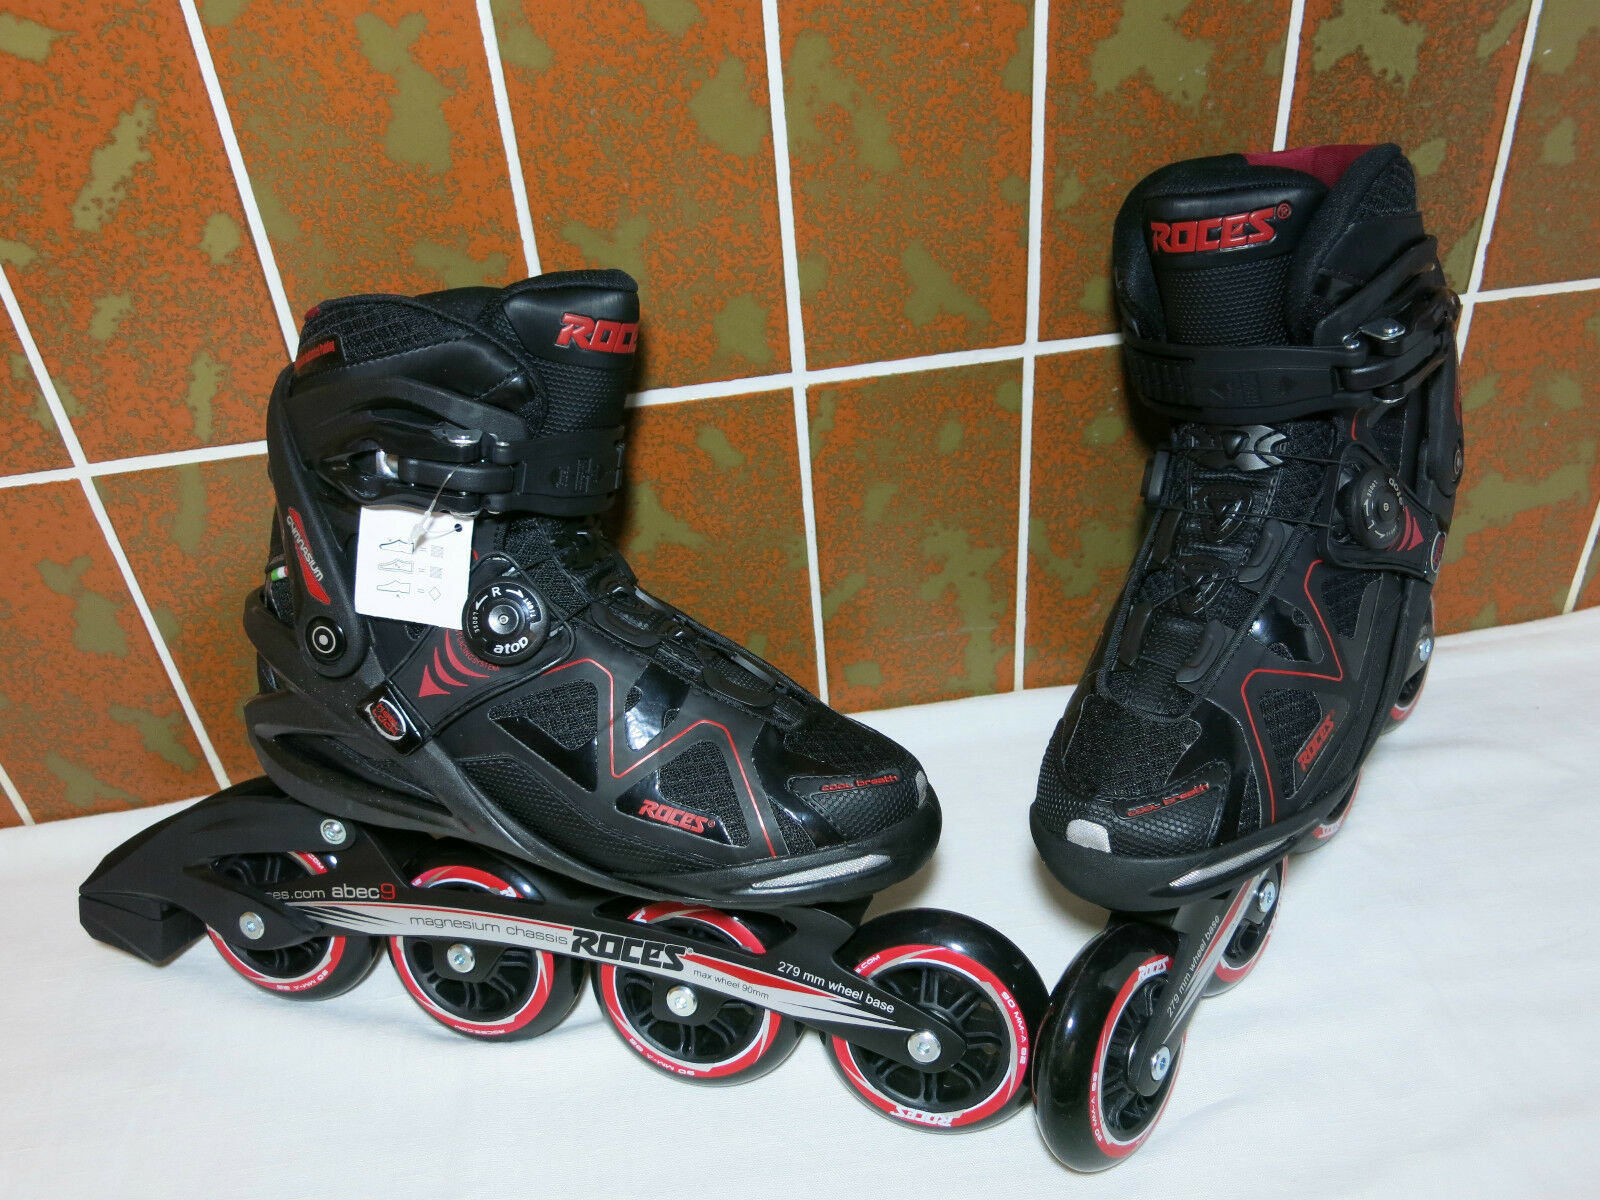 90mm BOA SUPER Inliner Skates von Roces Gr 40 Rollerblade Rollerblade Rollerblade k2 fila NEU  NP 189 90 46748e